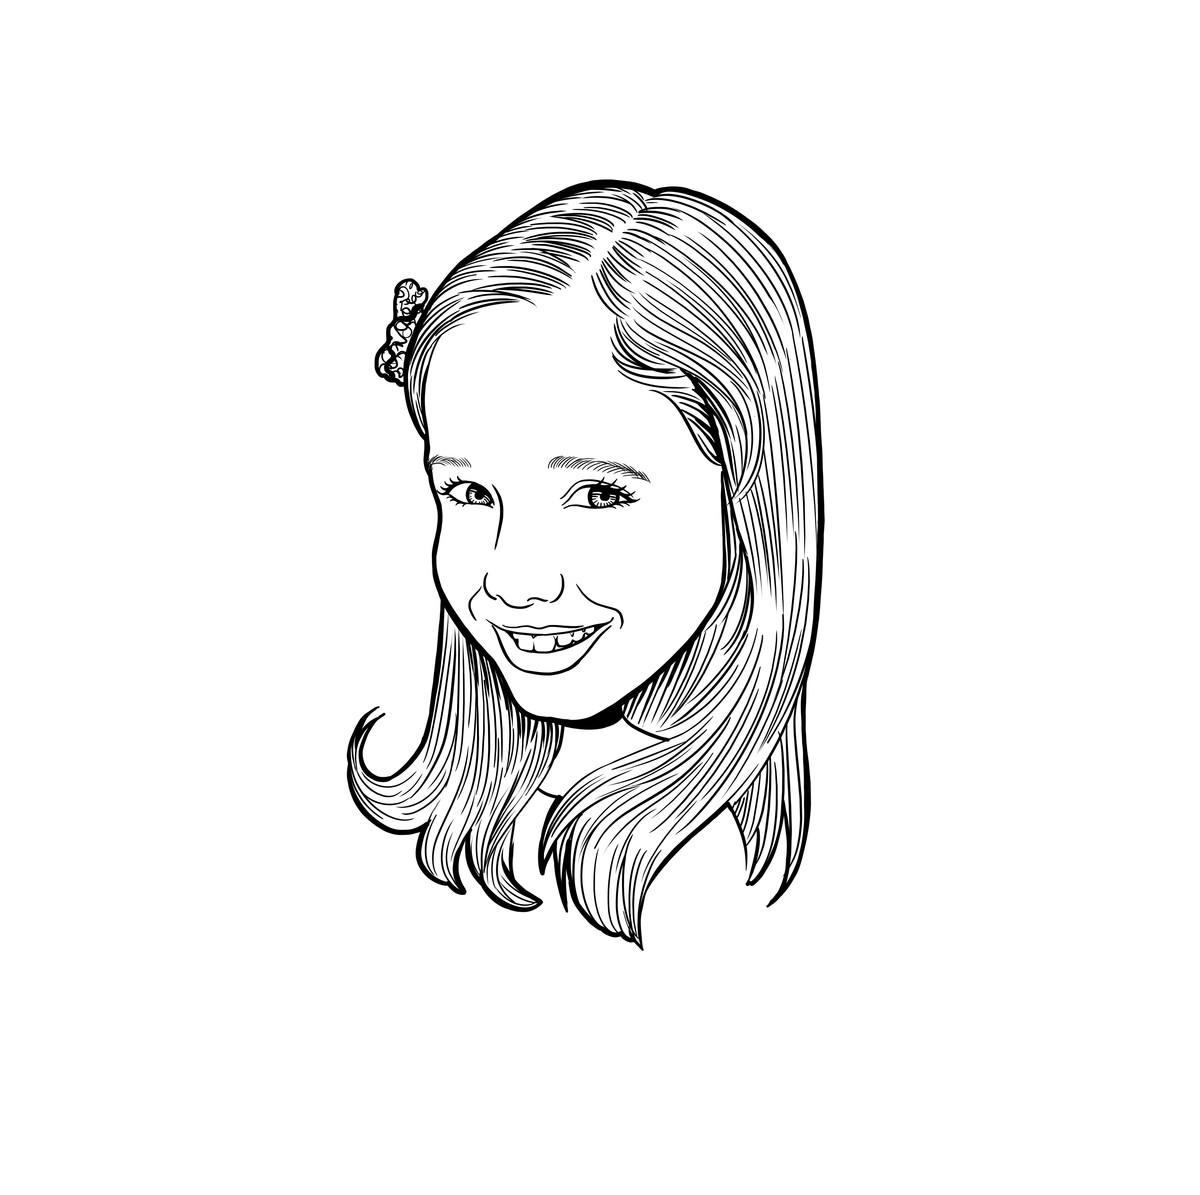 Desenho Digital De Rosto Em Preto E Branco No Elo7 Joao